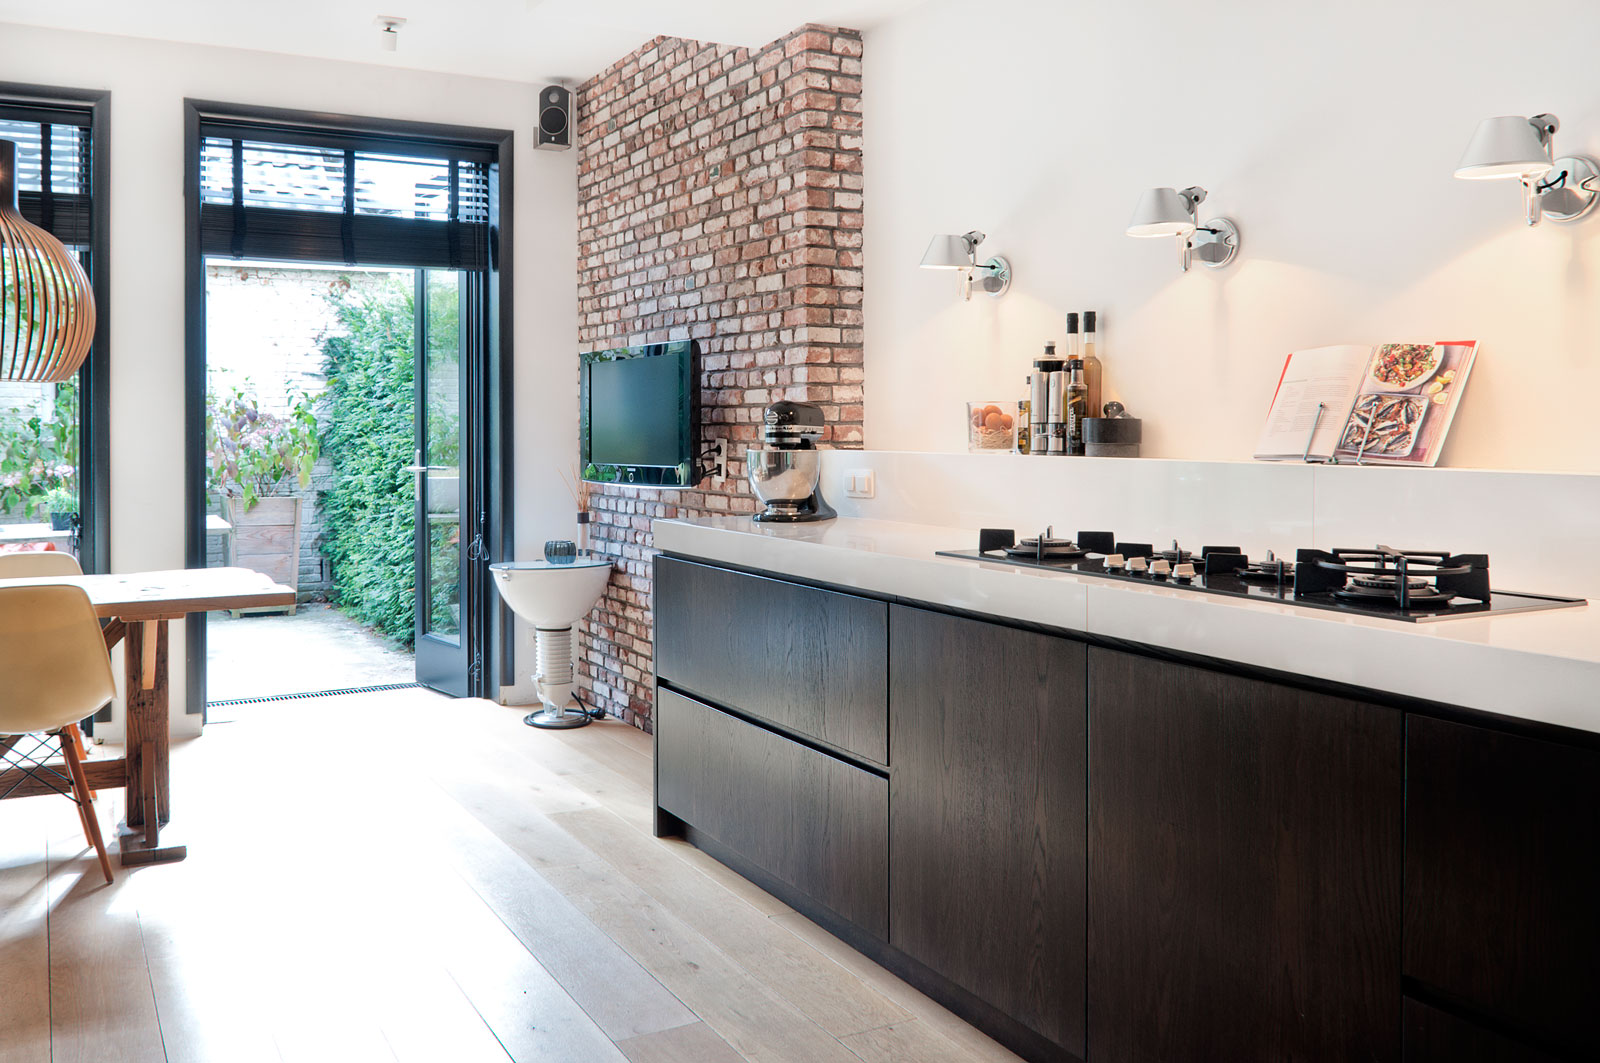 Donkere Houten Keuken : Donkere eiken houten droomkeuken Inrichting-huis.com